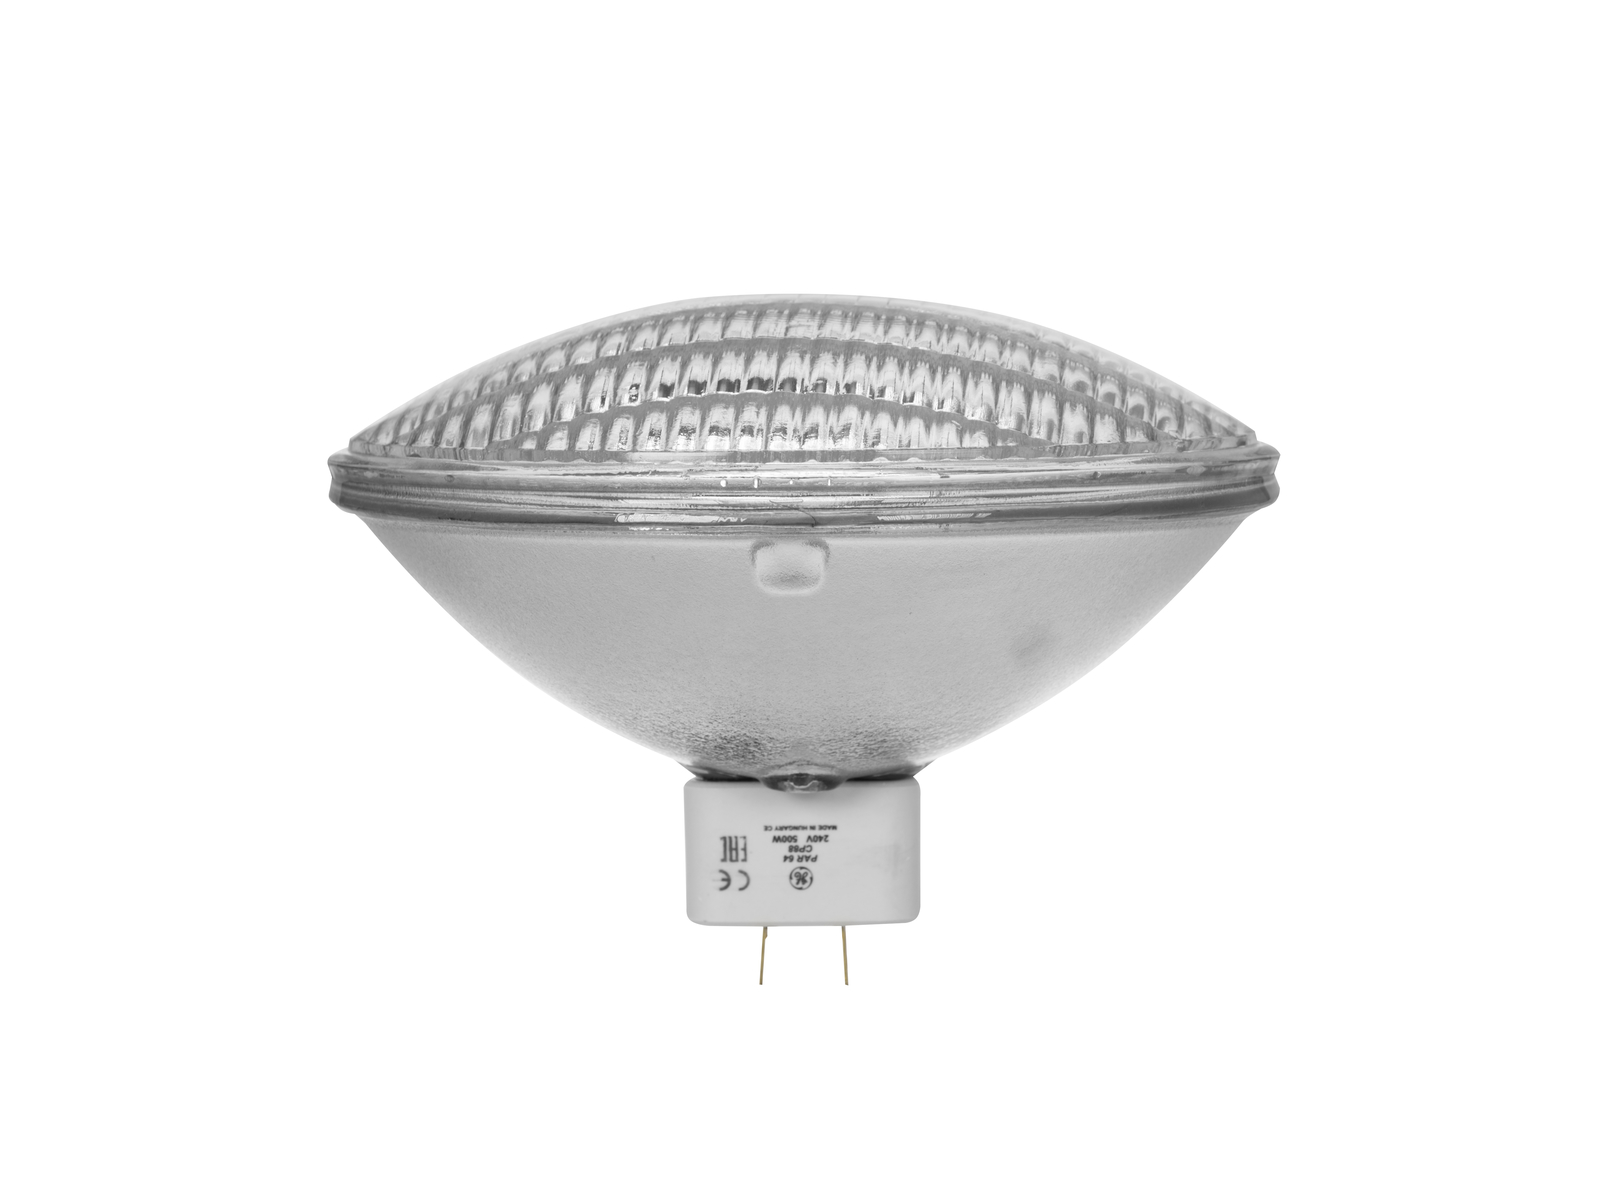 Lampada Faro GE CP87 PAR-64/240V 500W NSP 300h 3200 K